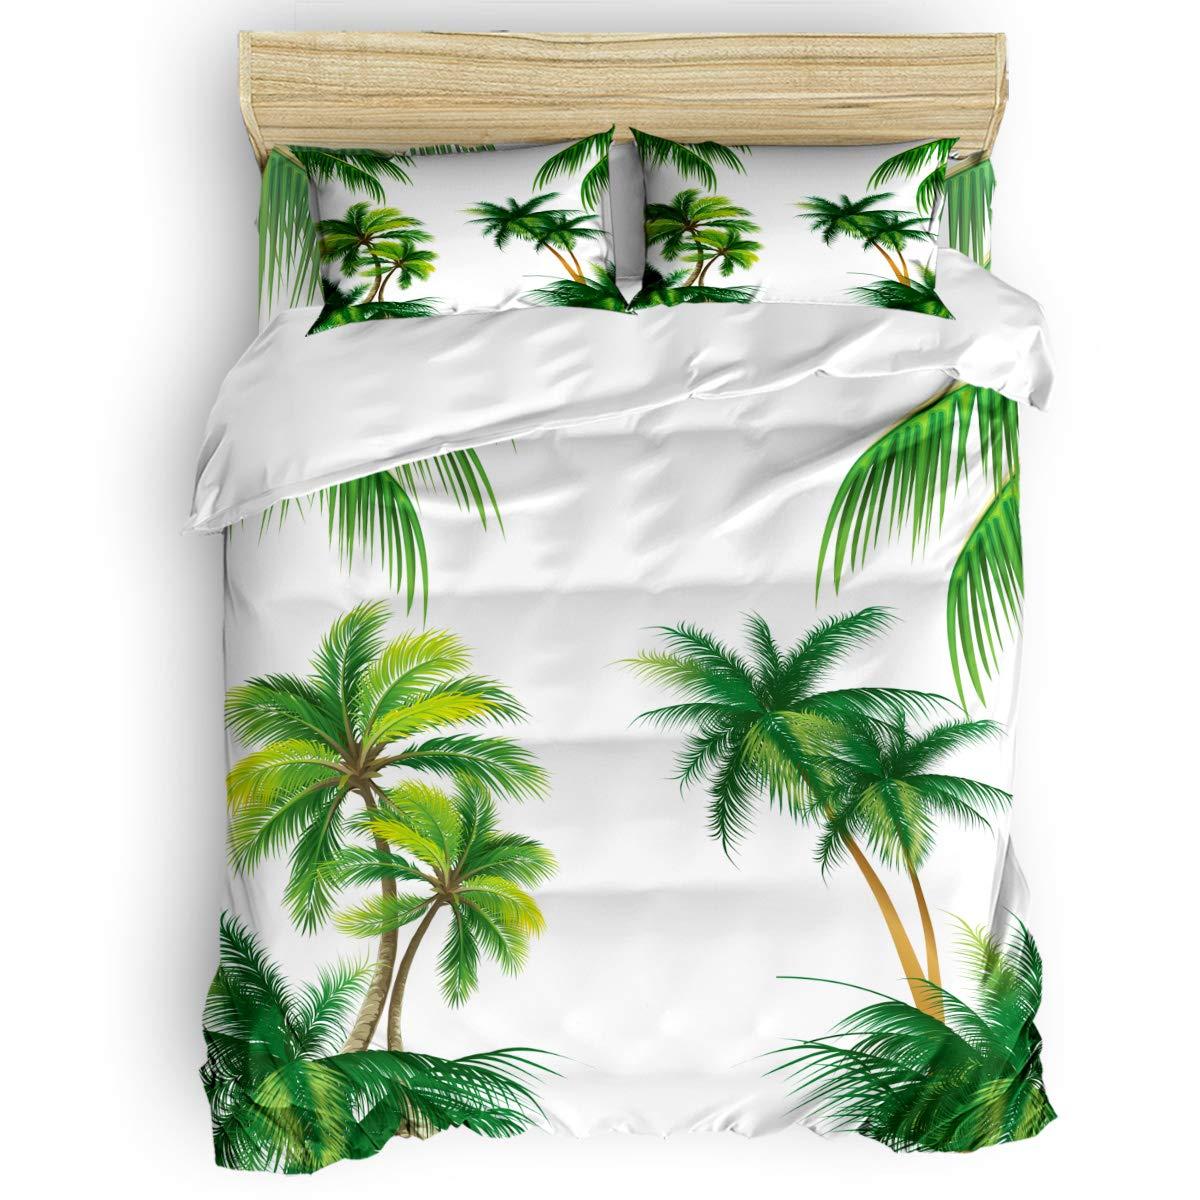 掛け布団カバー 4点セット 美しい 海洋生物 海 カラフルなサンゴ パターン 寝具カバーセット ベッド用 べッドシーツ 枕カバー 洋式 和式兼用 布団カバー 肌に優しい 羽毛布団セット 100%ポリエステル クイーン B07TF8X5XS Coconut treeLAS3286 クイーン